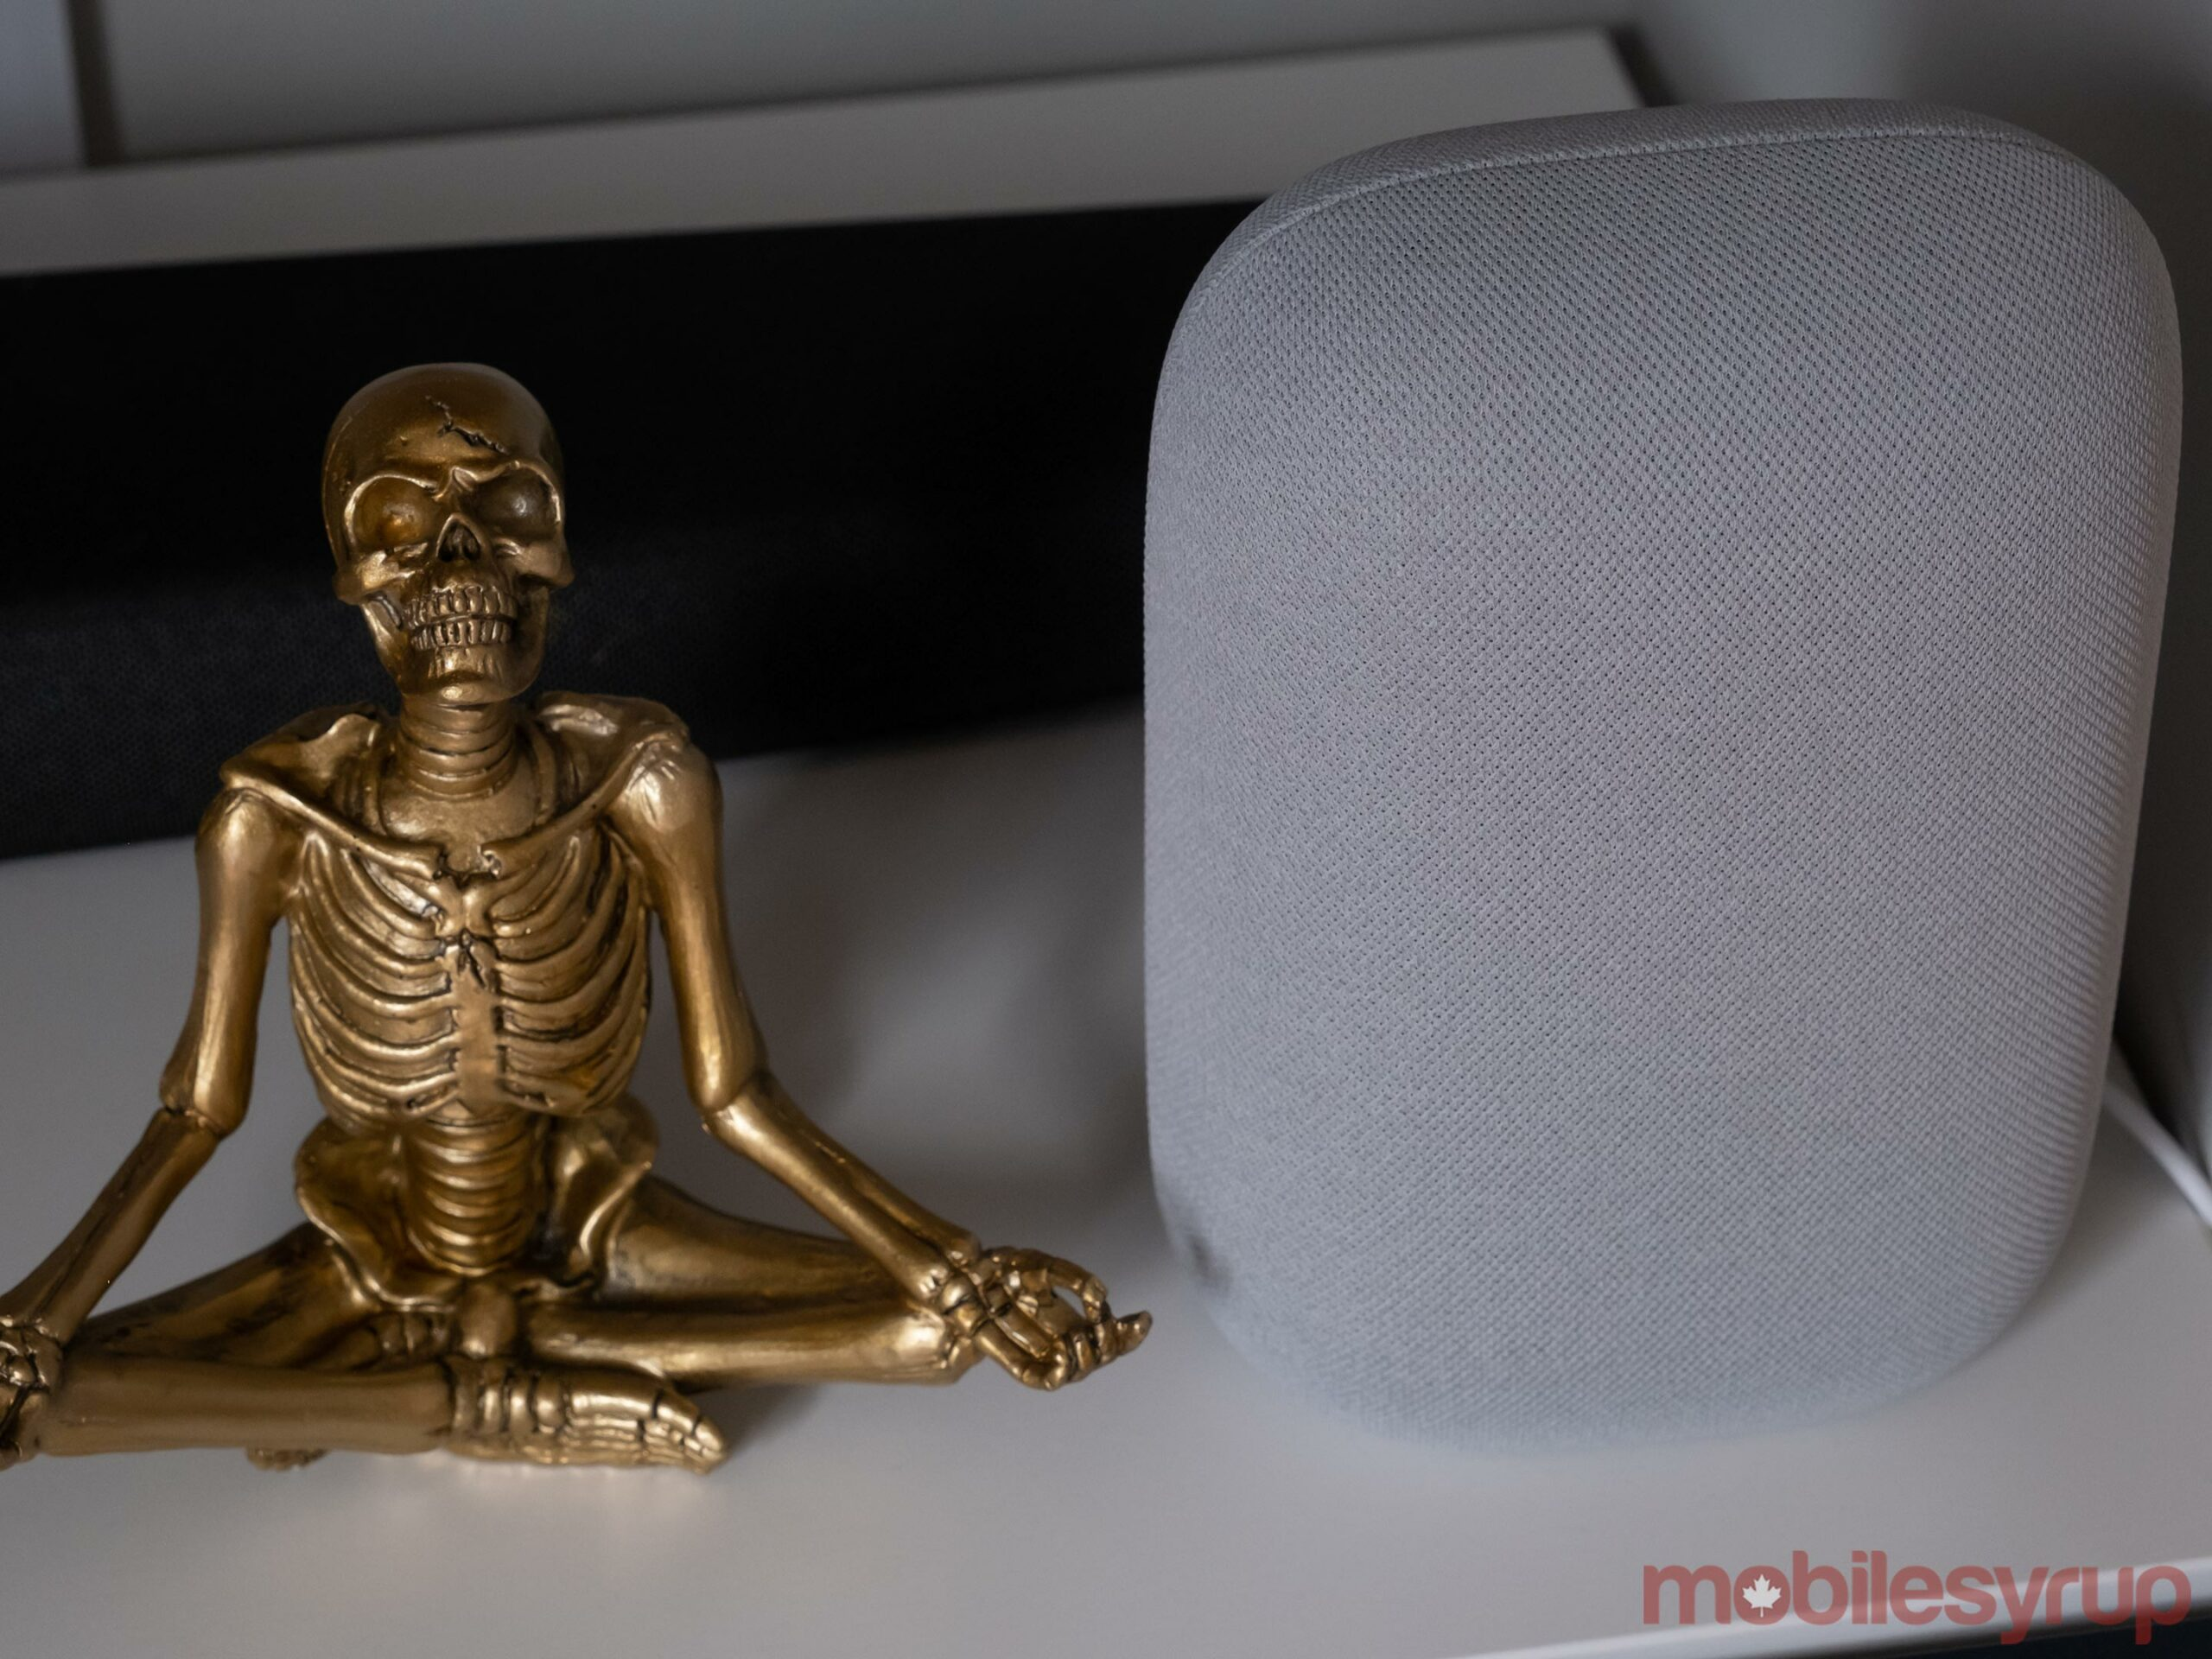 Nest Audio beside a skeleton